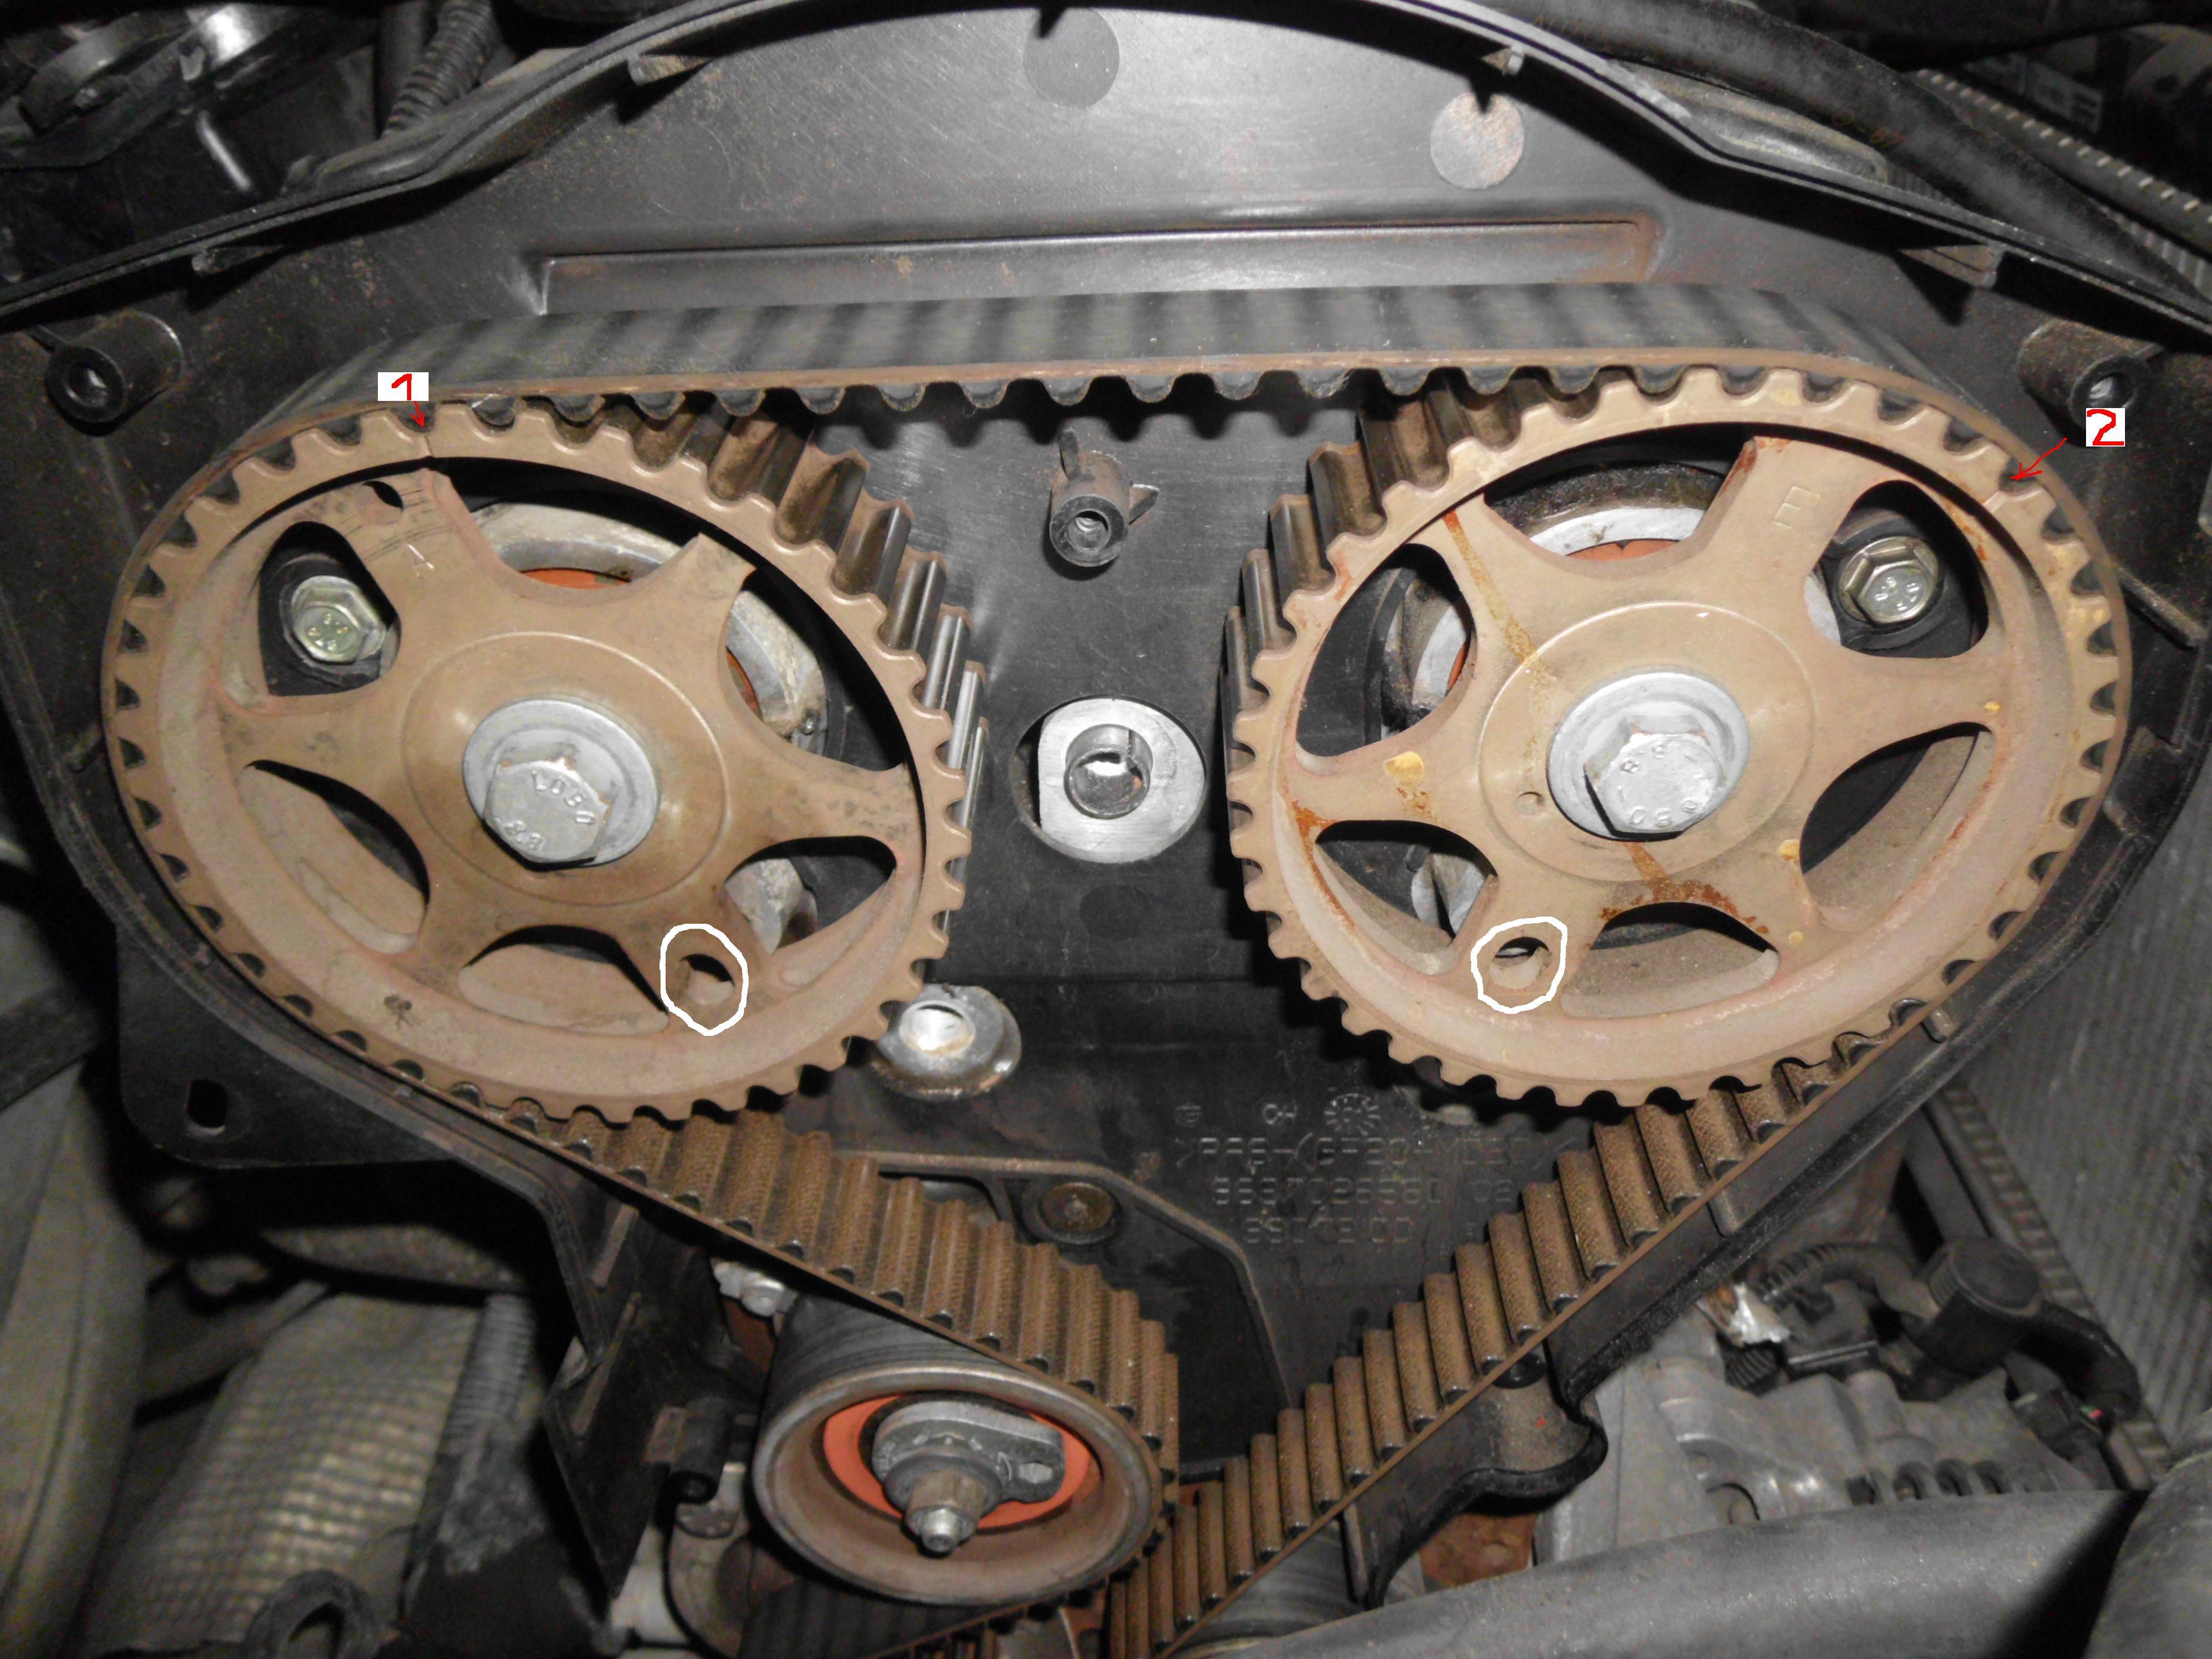 peugeot 307,1.6 2001 - Schemat rozrz�du DOHC